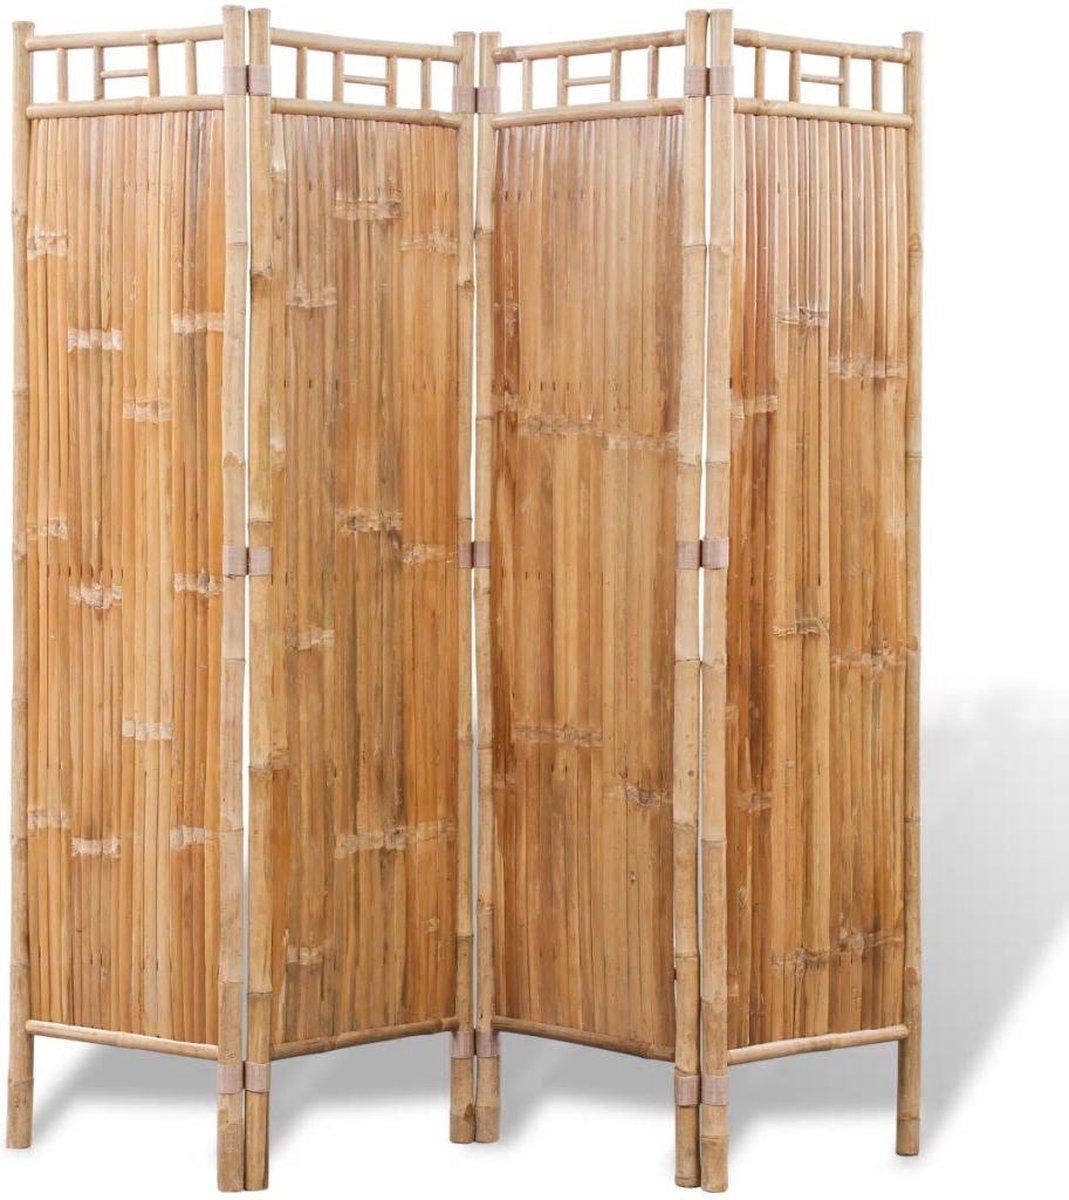 vidaXL Kamerscherm bamboe 4 panelen